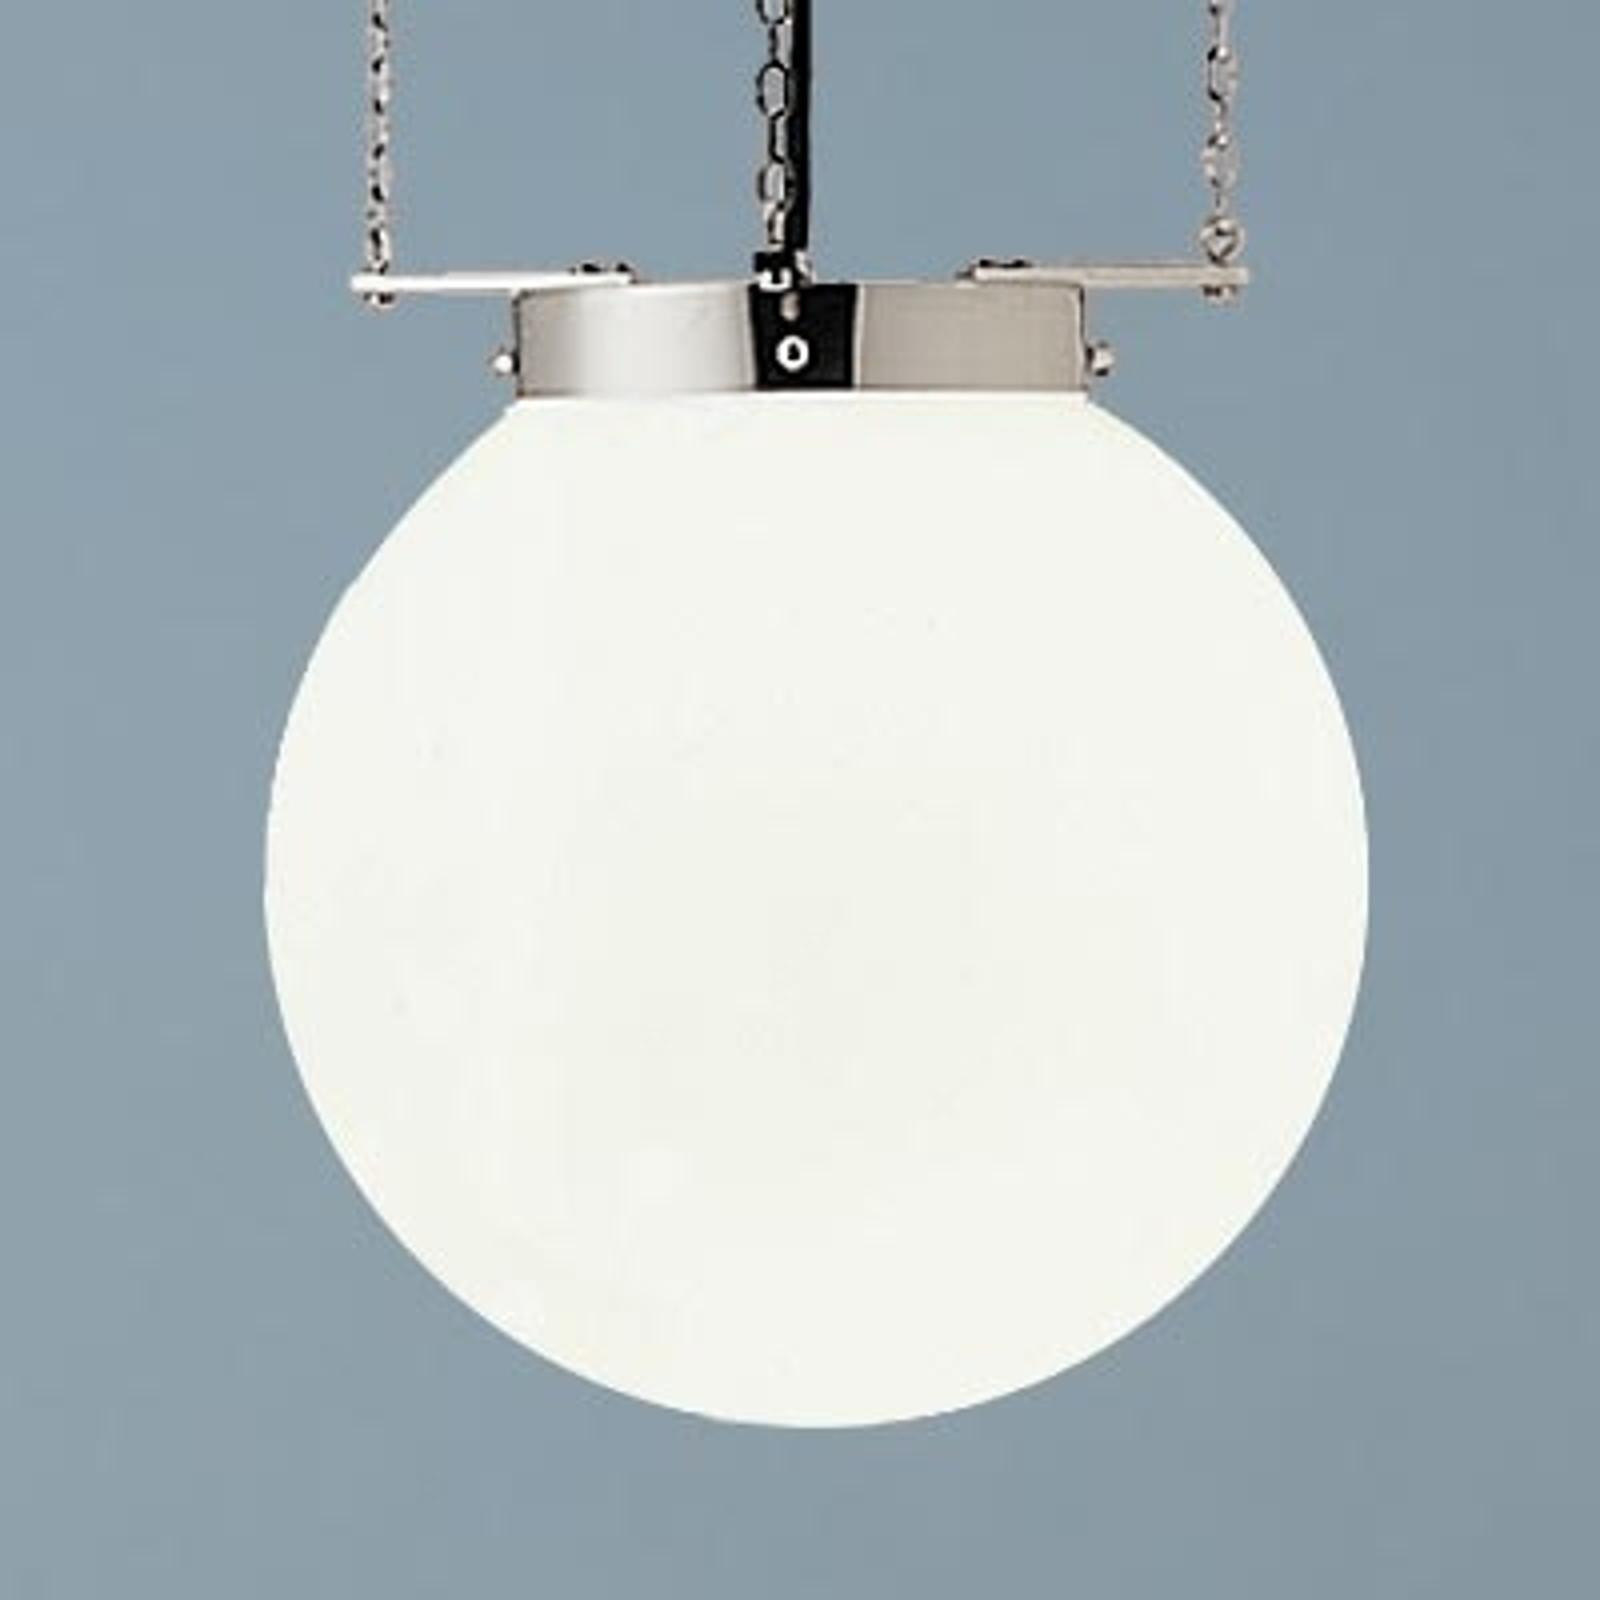 Lampa wisząca w stylu Bauhaus nikiel 40 cm